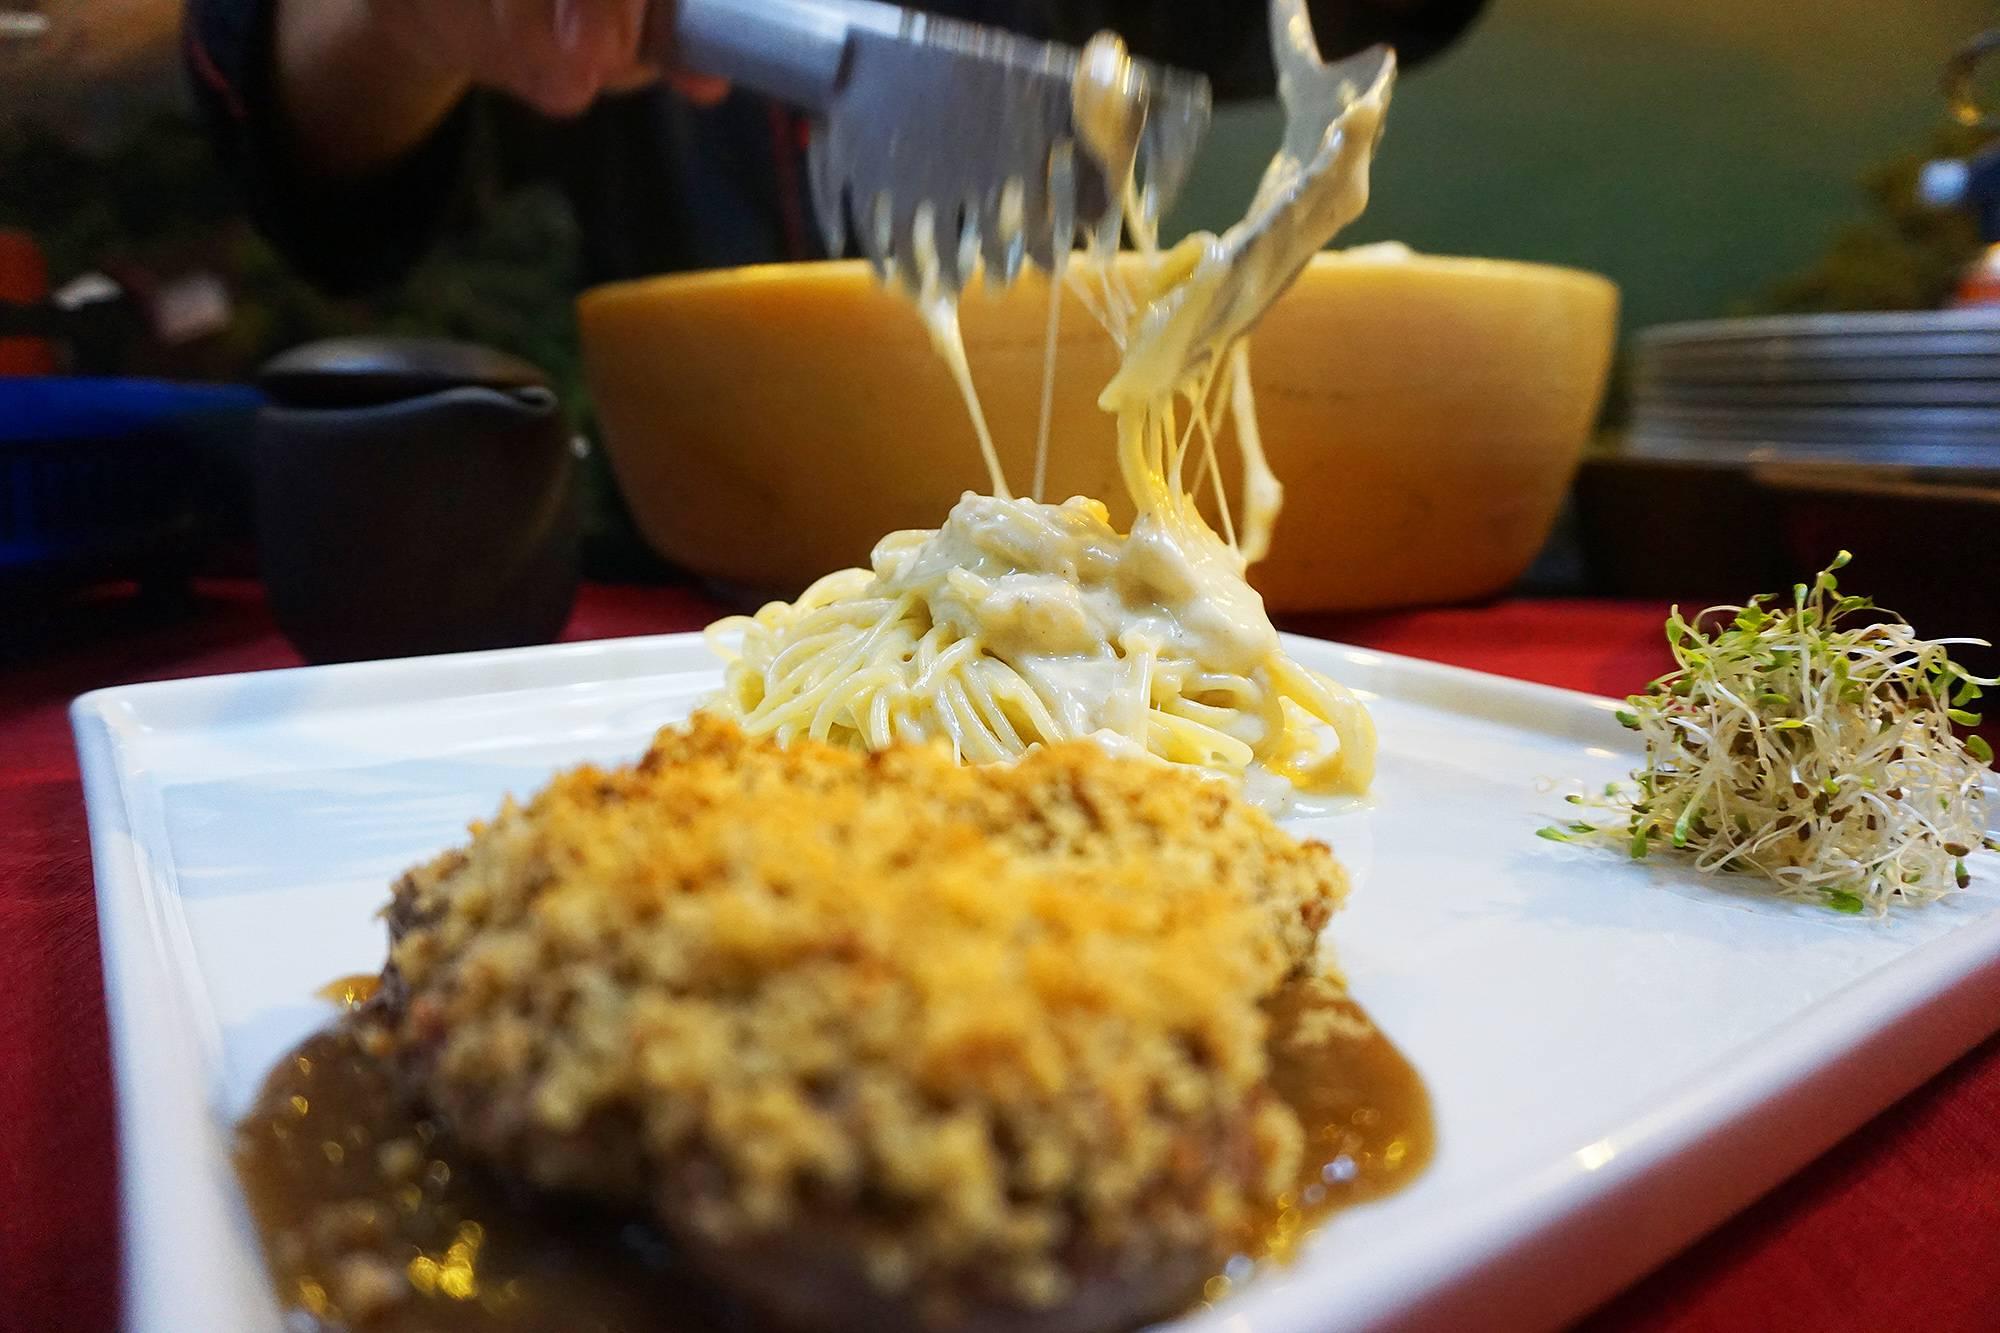 www.juicysantos.com.br - macarrão dentro do queijo em santos